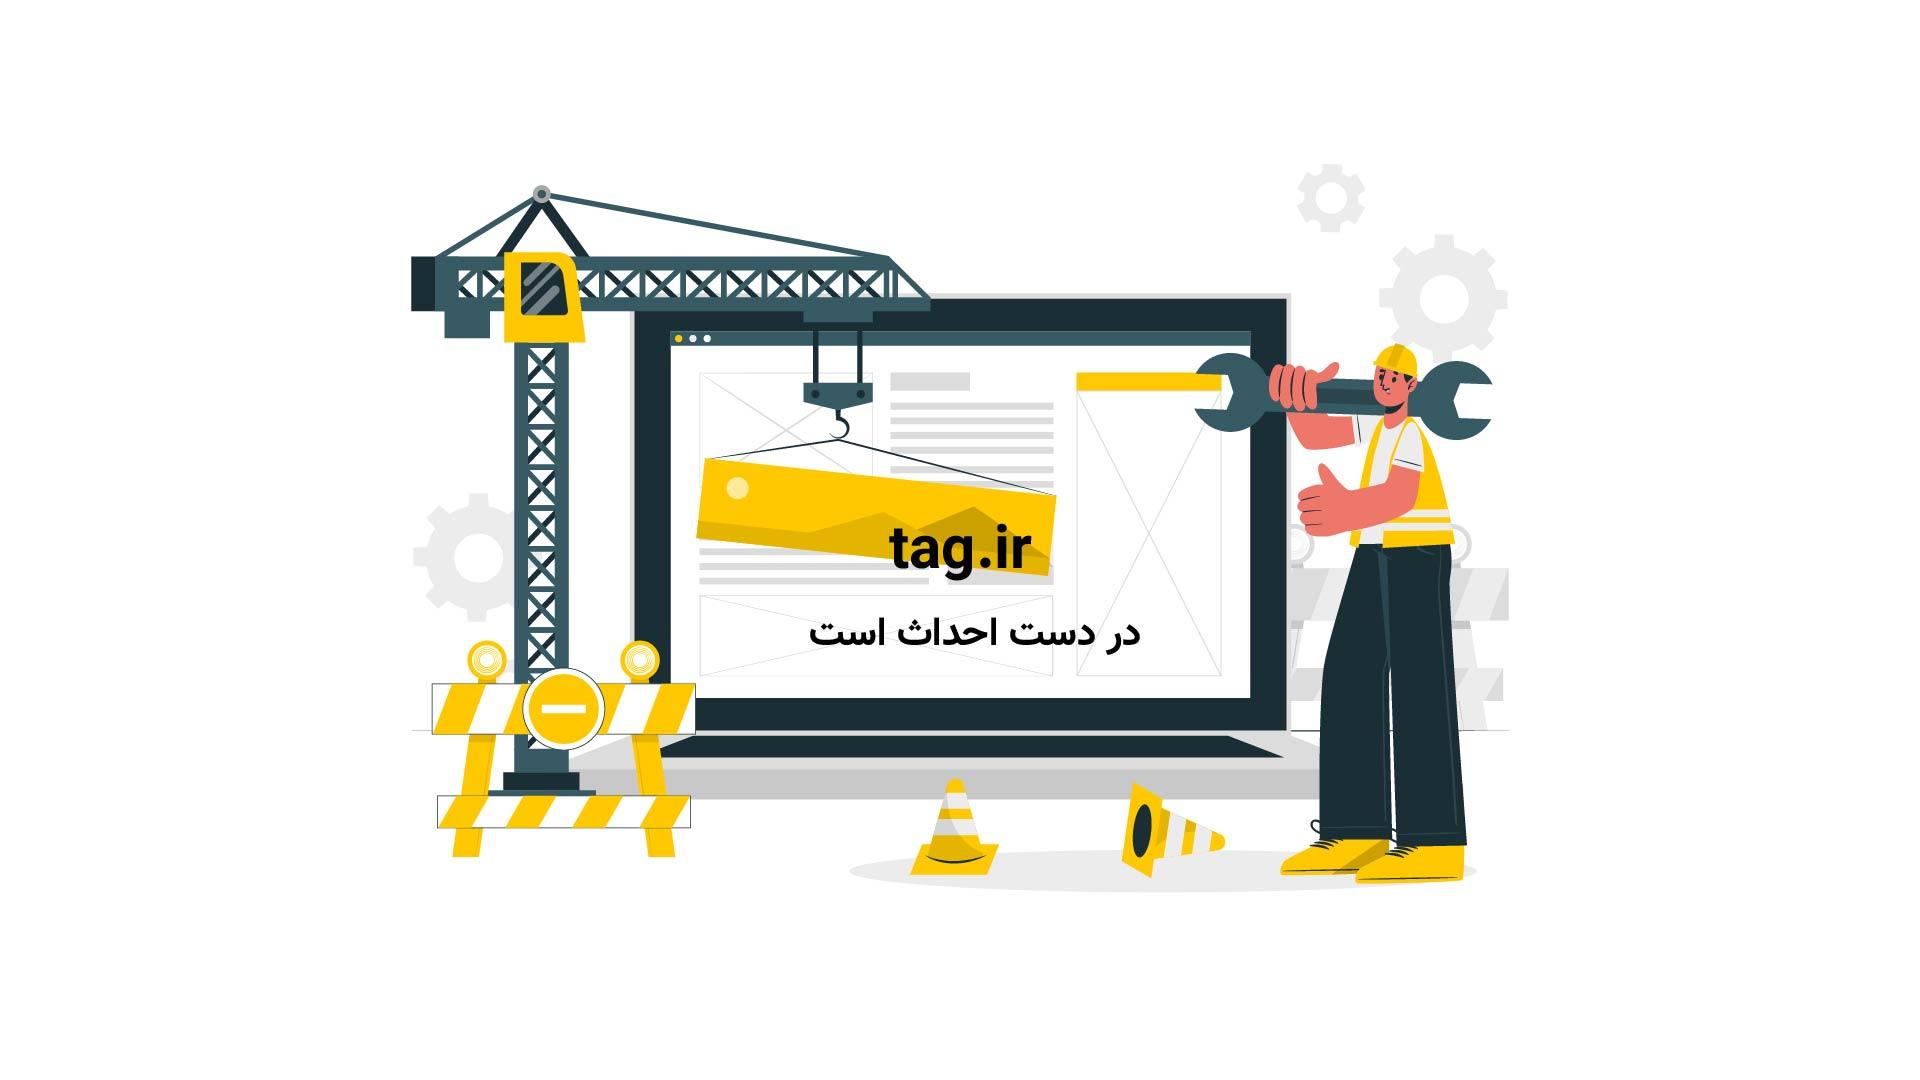 تصاویر هوایی از حضور جمعیت در بدرقه آیت الله هاشمی رفسنجانی | فیلم